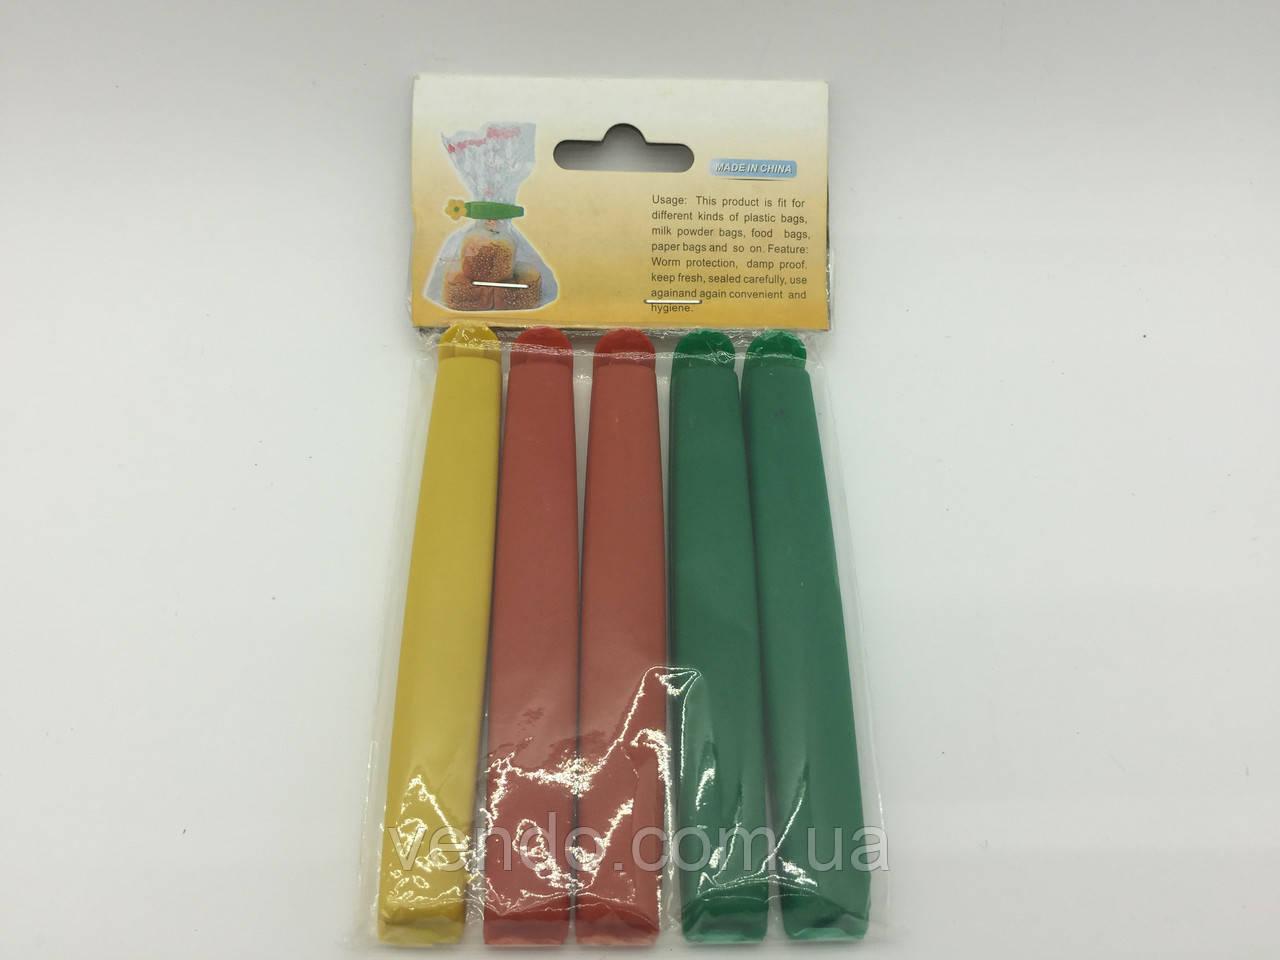 Набор зажимов для пакетов - 5 шт., 12 см